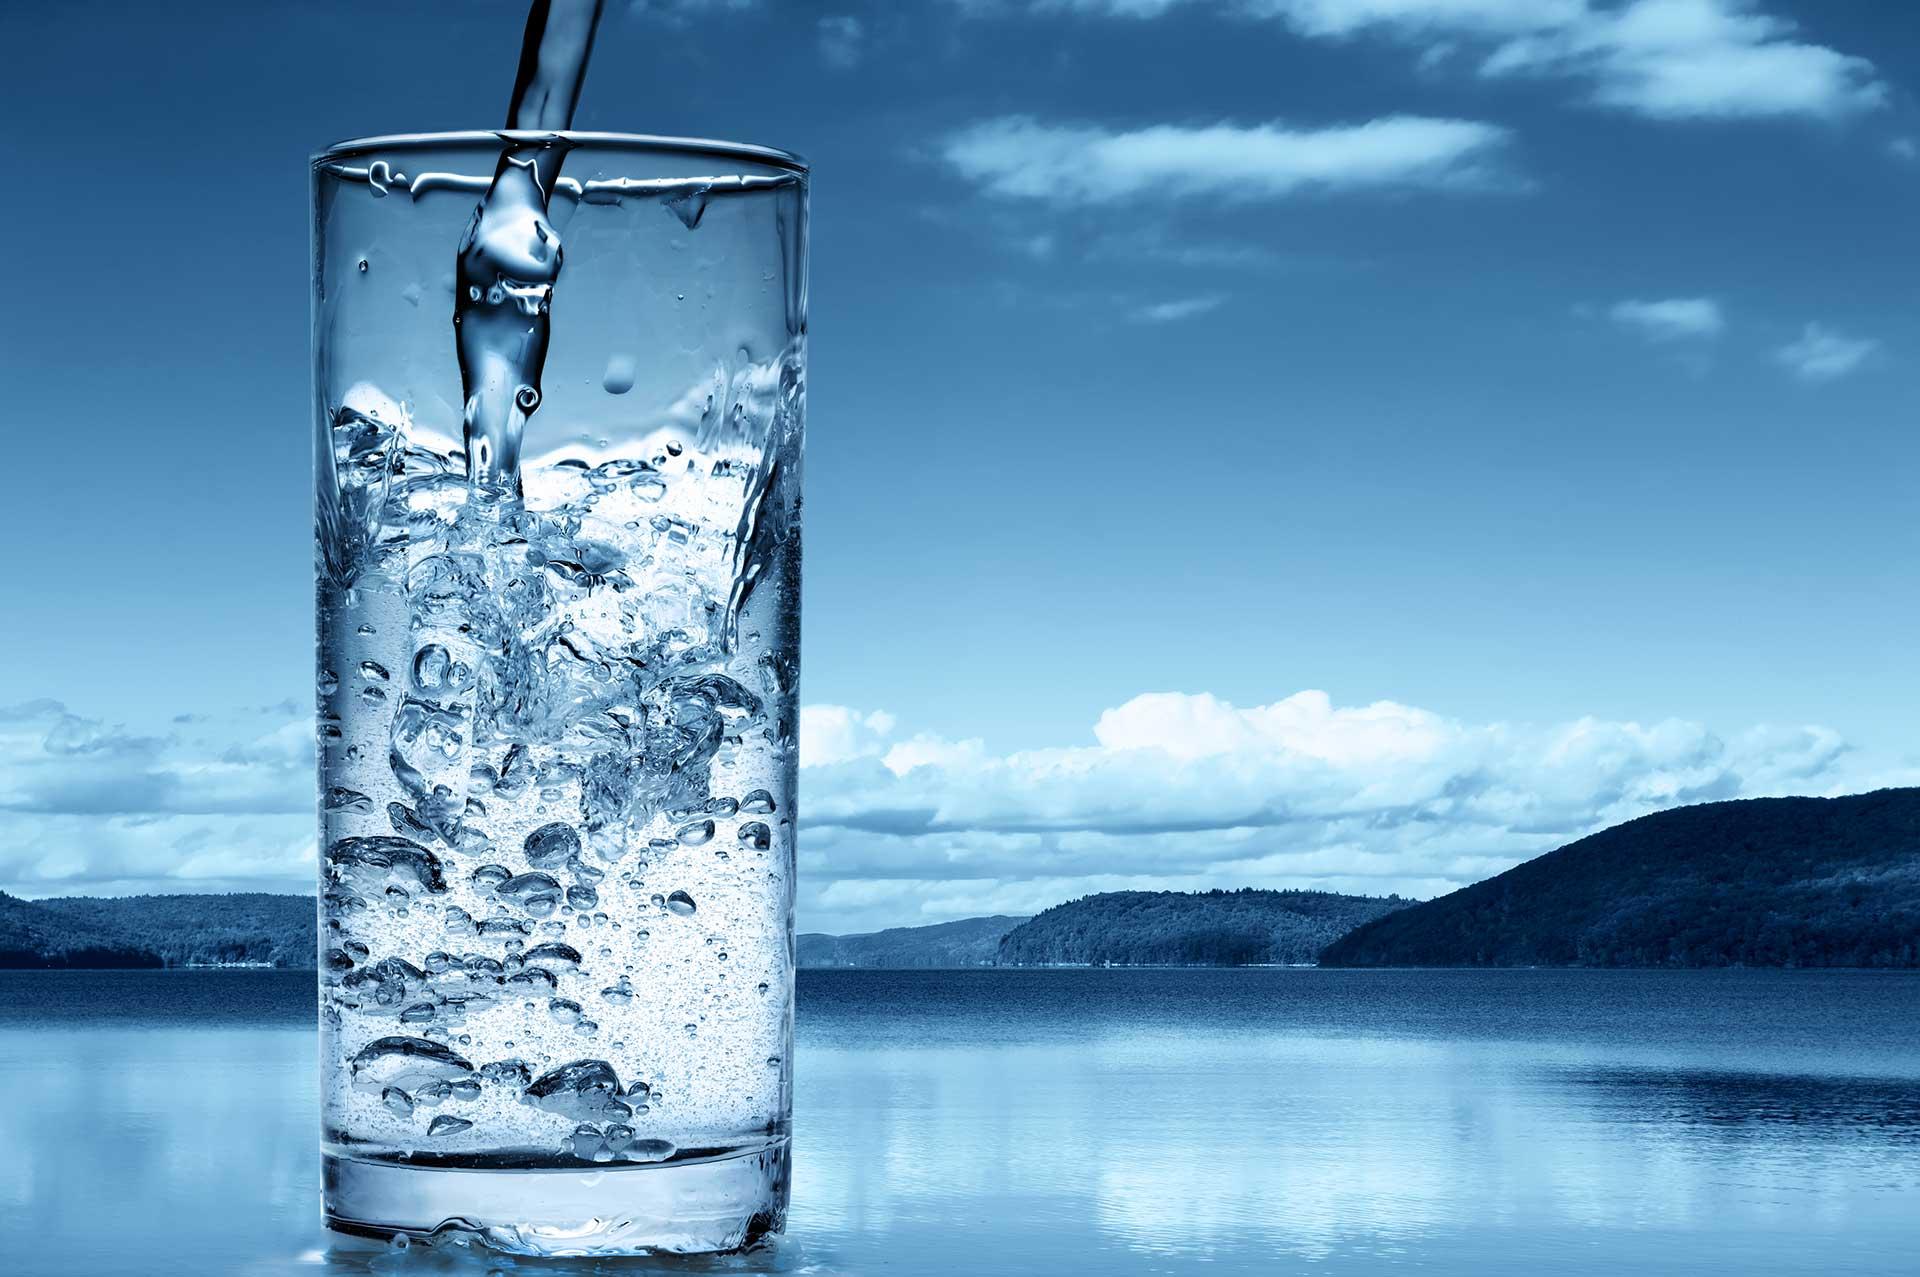 Стоимость кубометра воды в Крыму может подняться выше 45 рублей